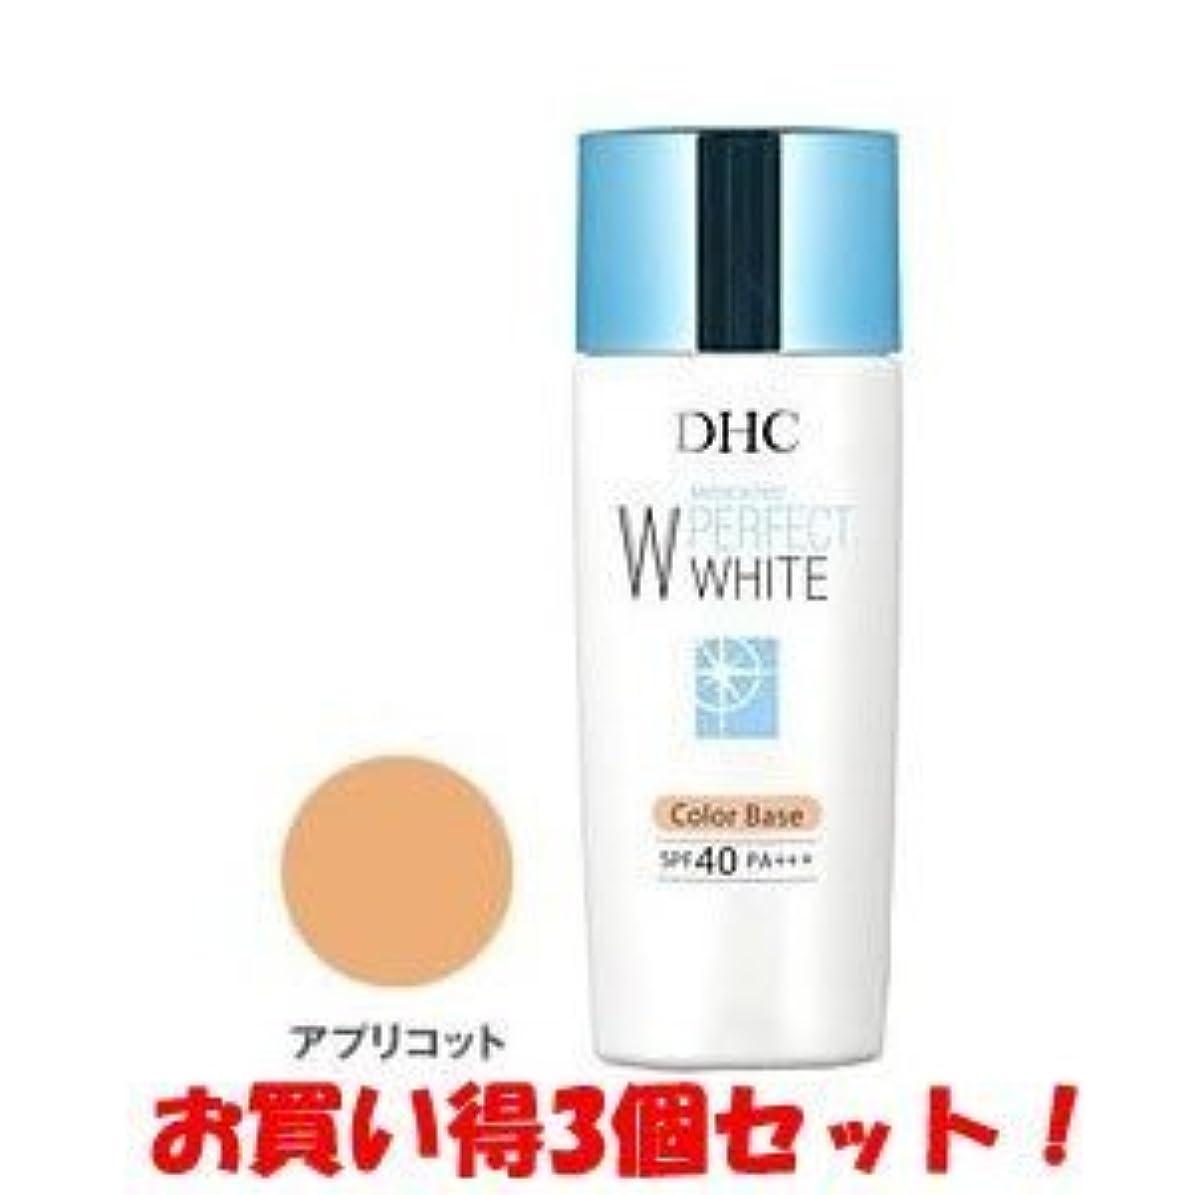 マウンド裁判所ハンディDHC 薬用パーフェクトホワイト カラーベース アプリコット 30g(医薬部外品)(お買い得3個セット)